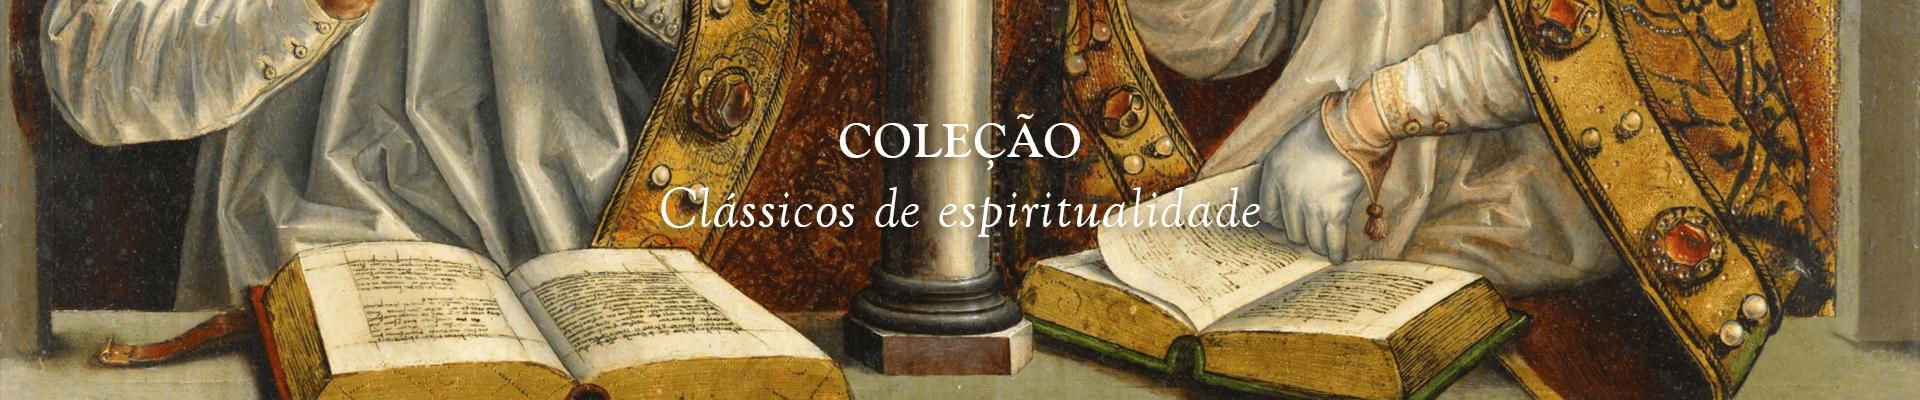 coleção clássicos de espiritualidade